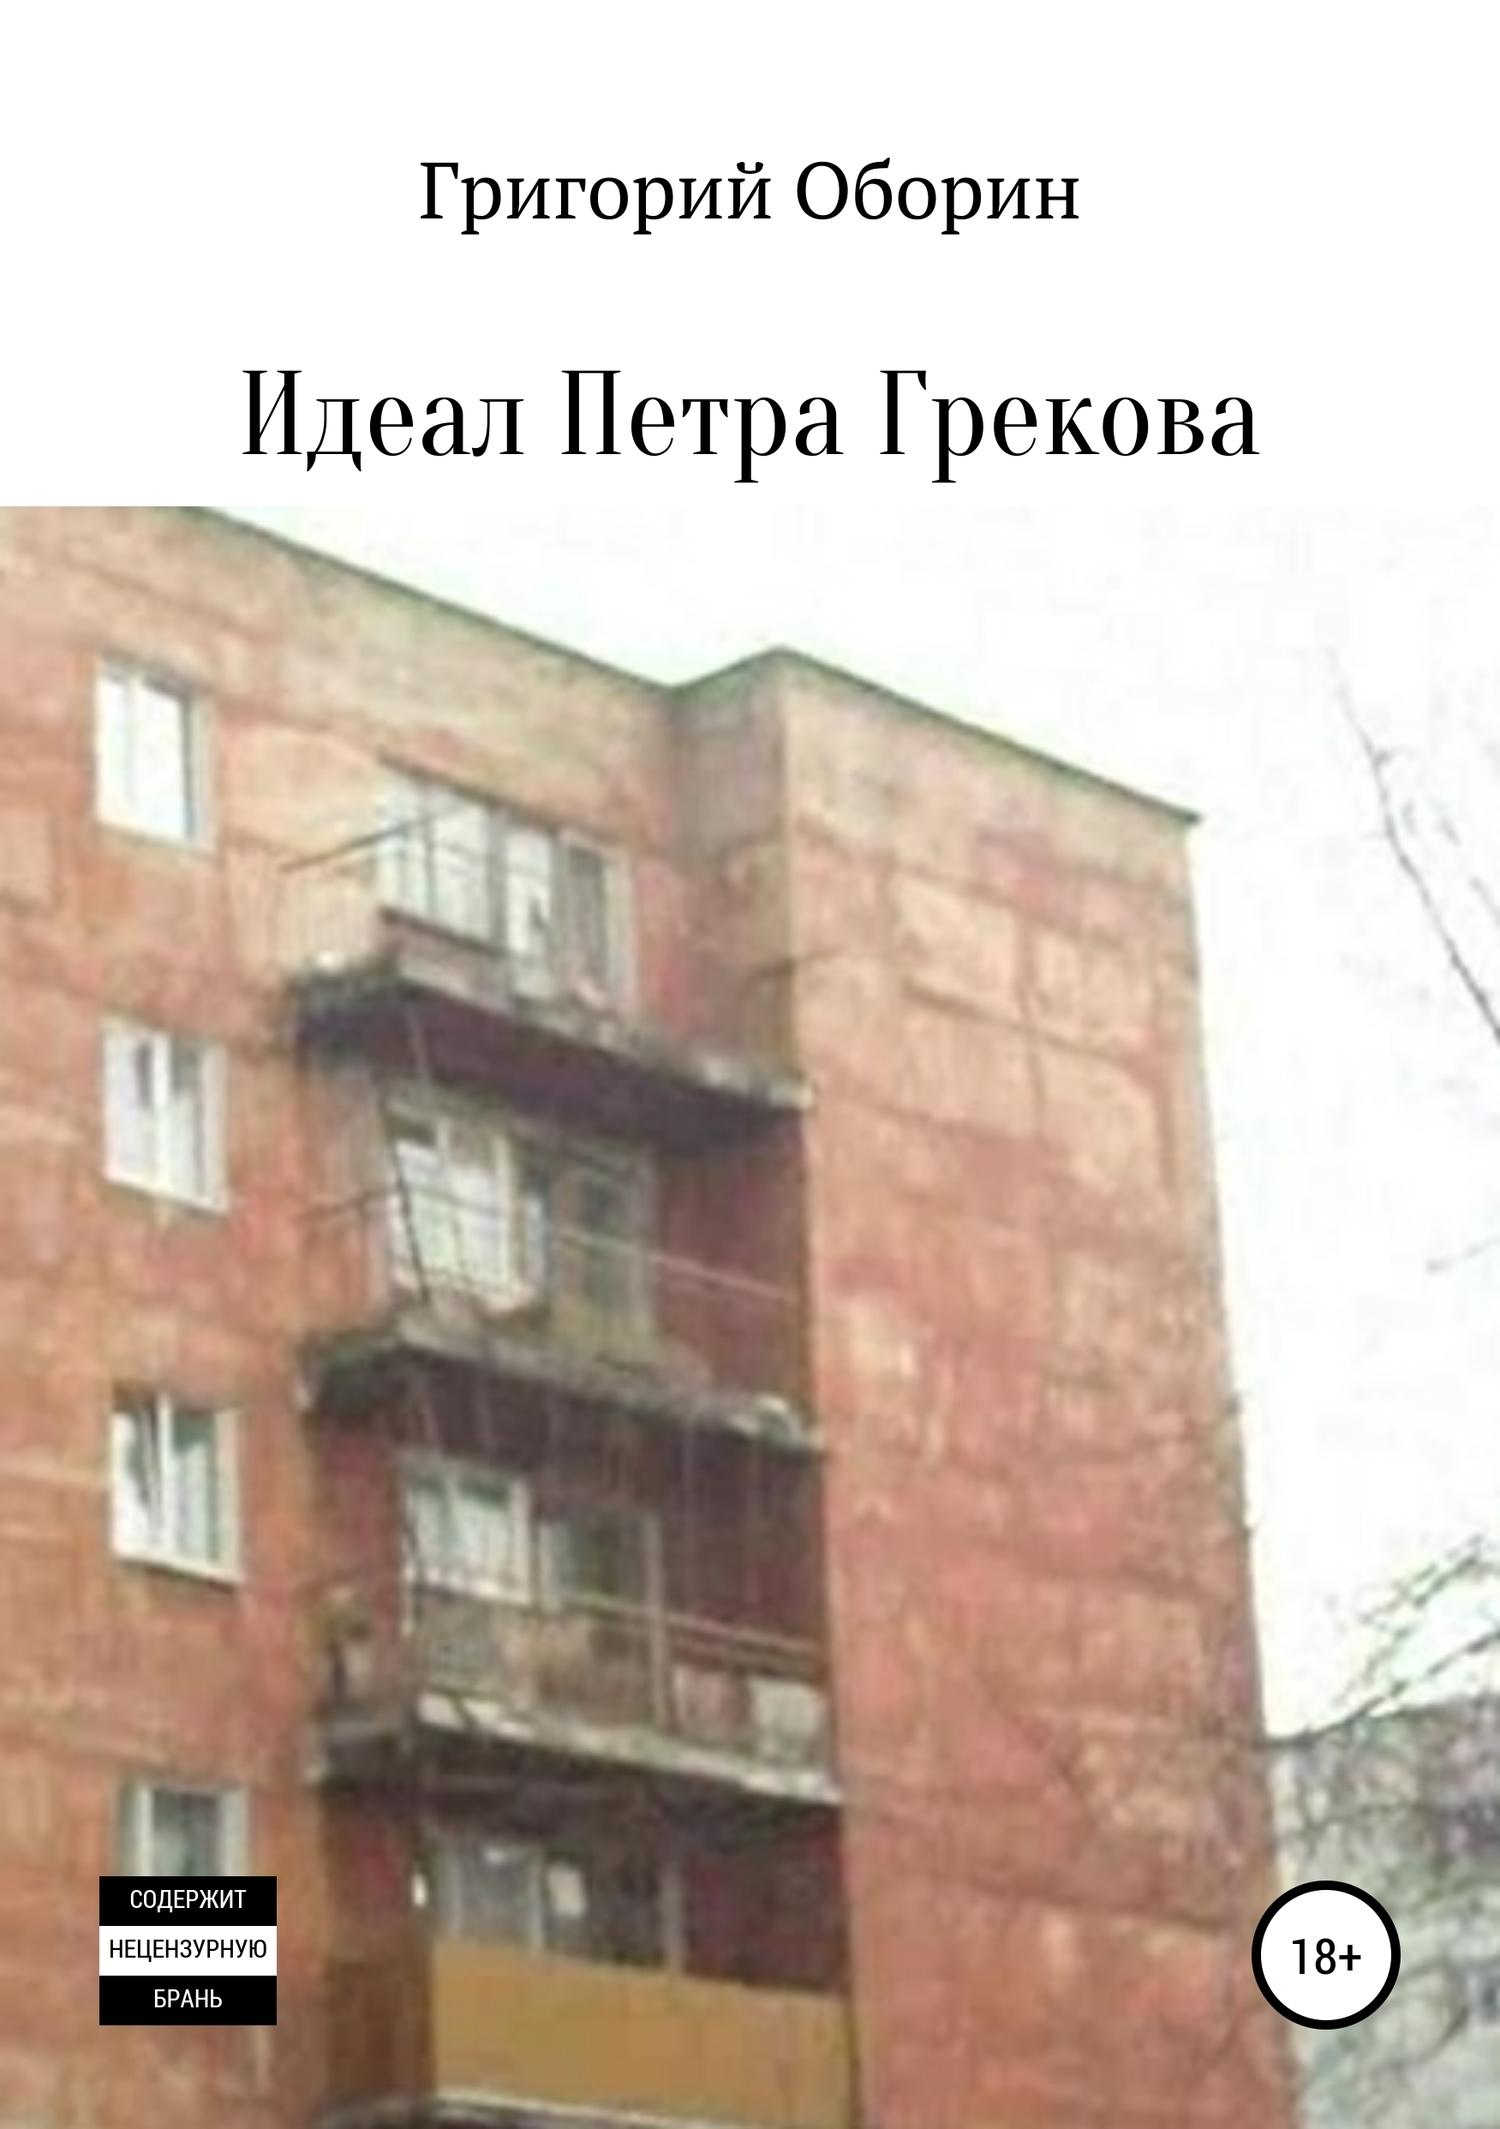 Идеал Петра Грекова